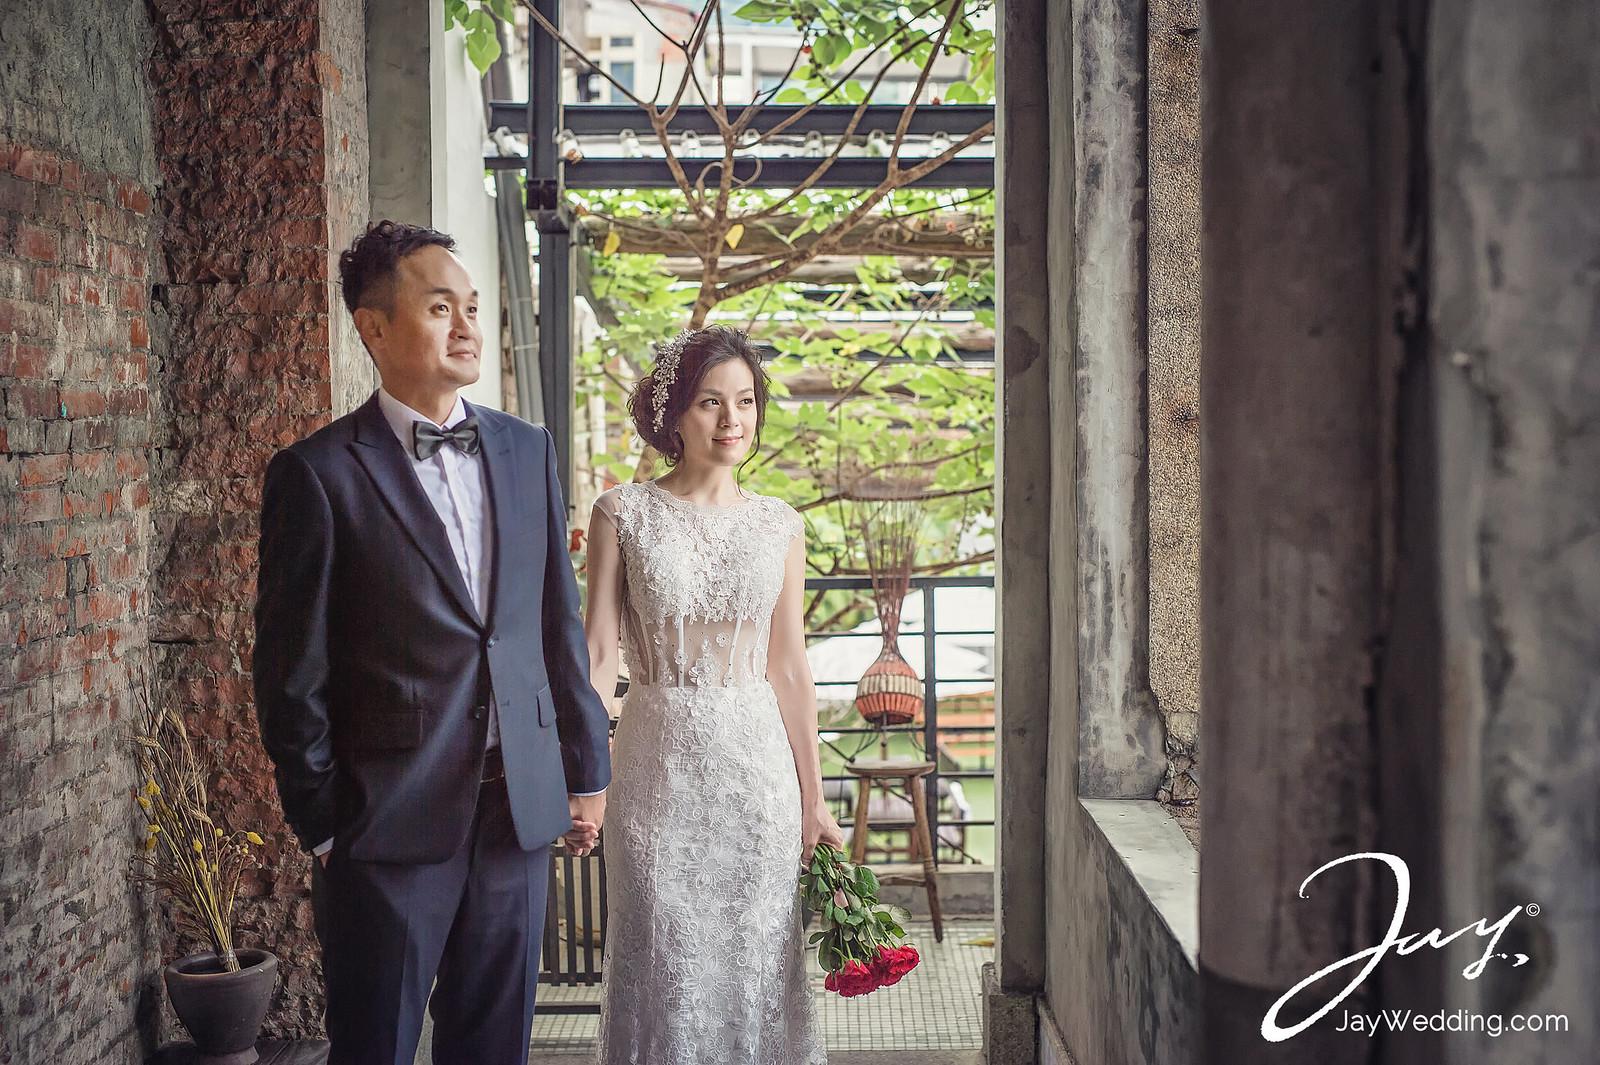 婚紗,婚攝,京都,大阪,食尚曼谷,海外婚紗,自助婚紗,自主婚紗,婚攝A-Jay,婚攝阿杰,jay hsieh,JAY_3697